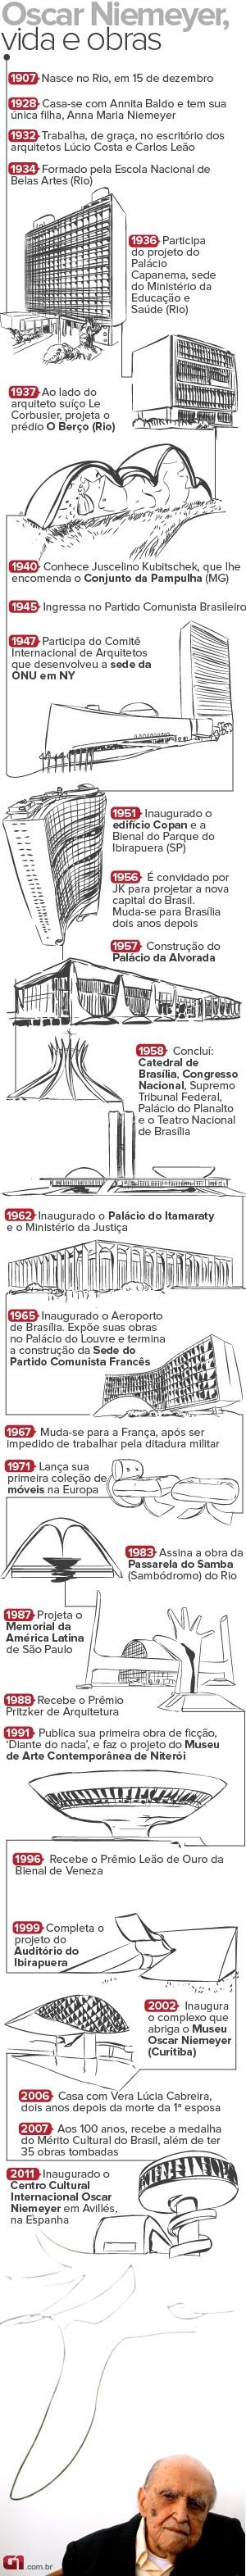 Vida e Obras de Niemeyer (Foto: Arte/G1)